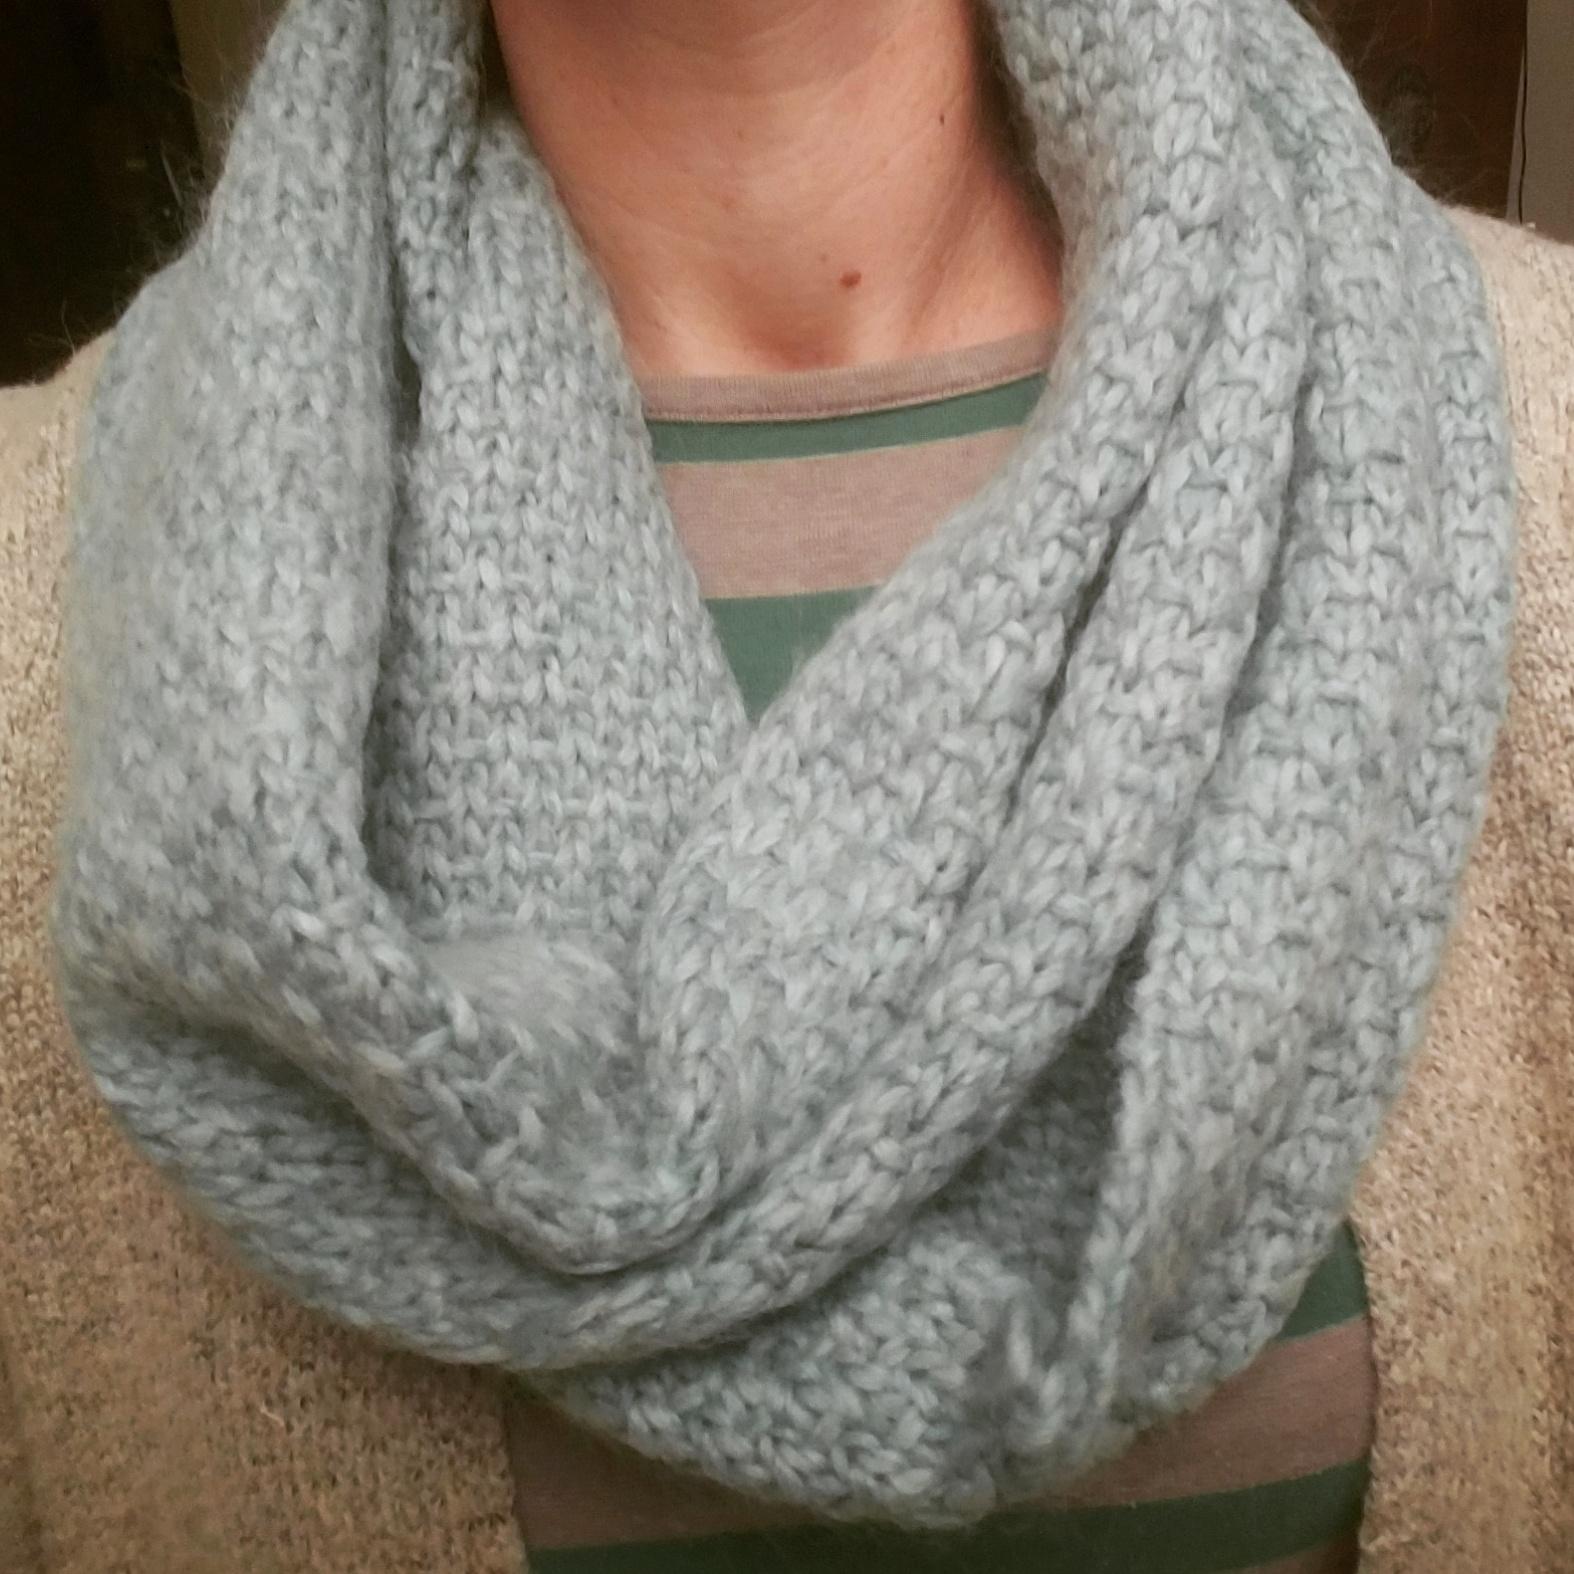 infinity scarf in slip stitch pattern: Cascade baby alpaca chunky yarn